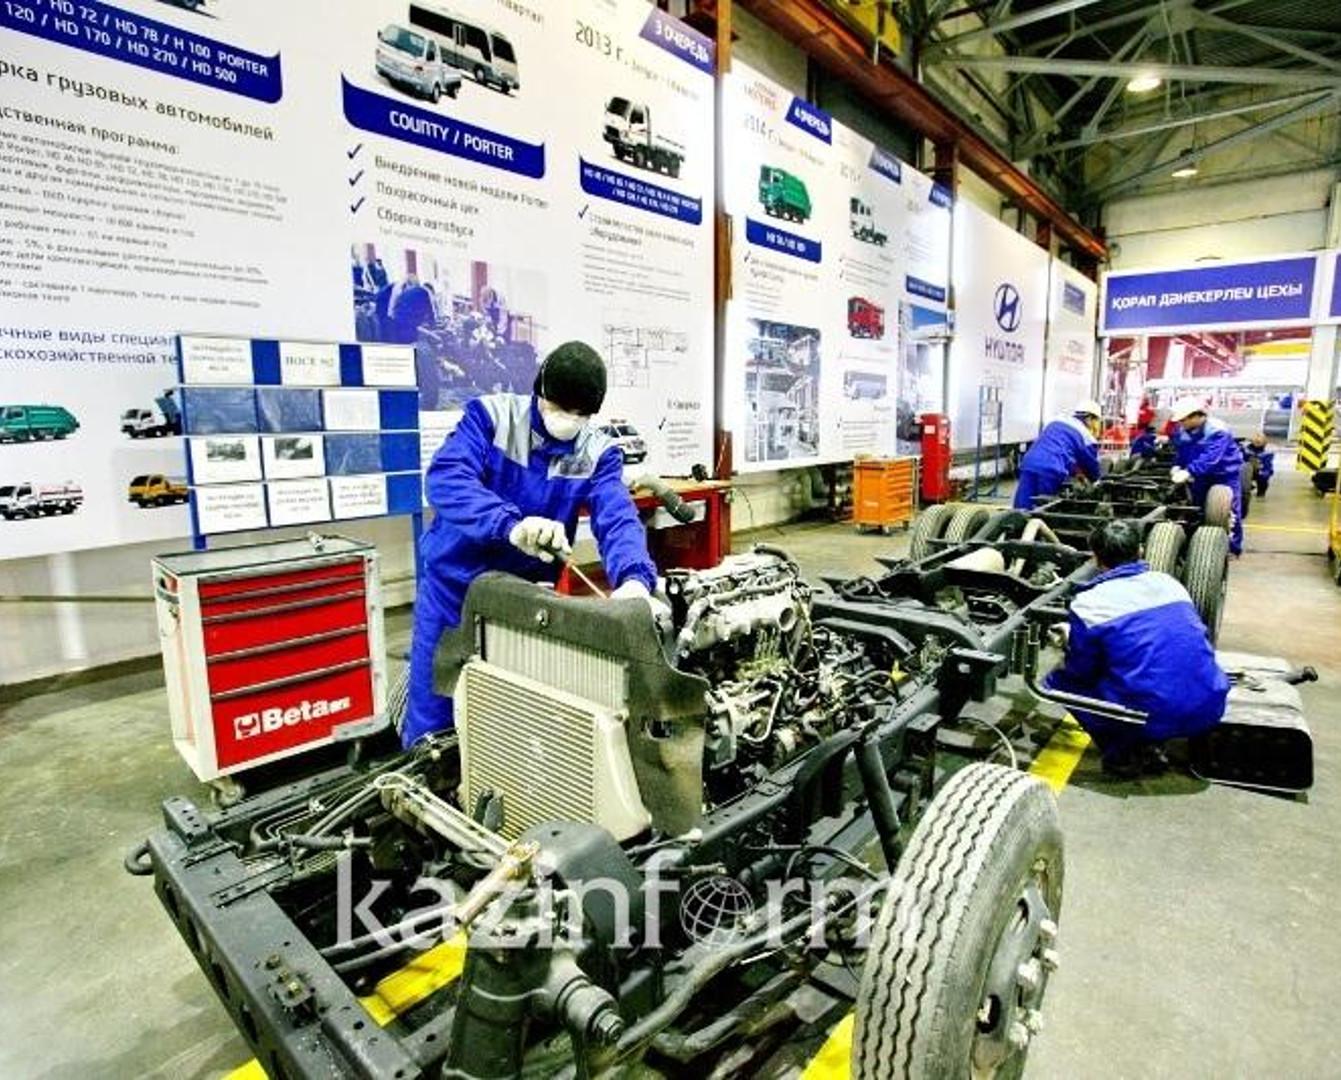 Производство легковых авто возросло почти на 68% - КазАвтоПром